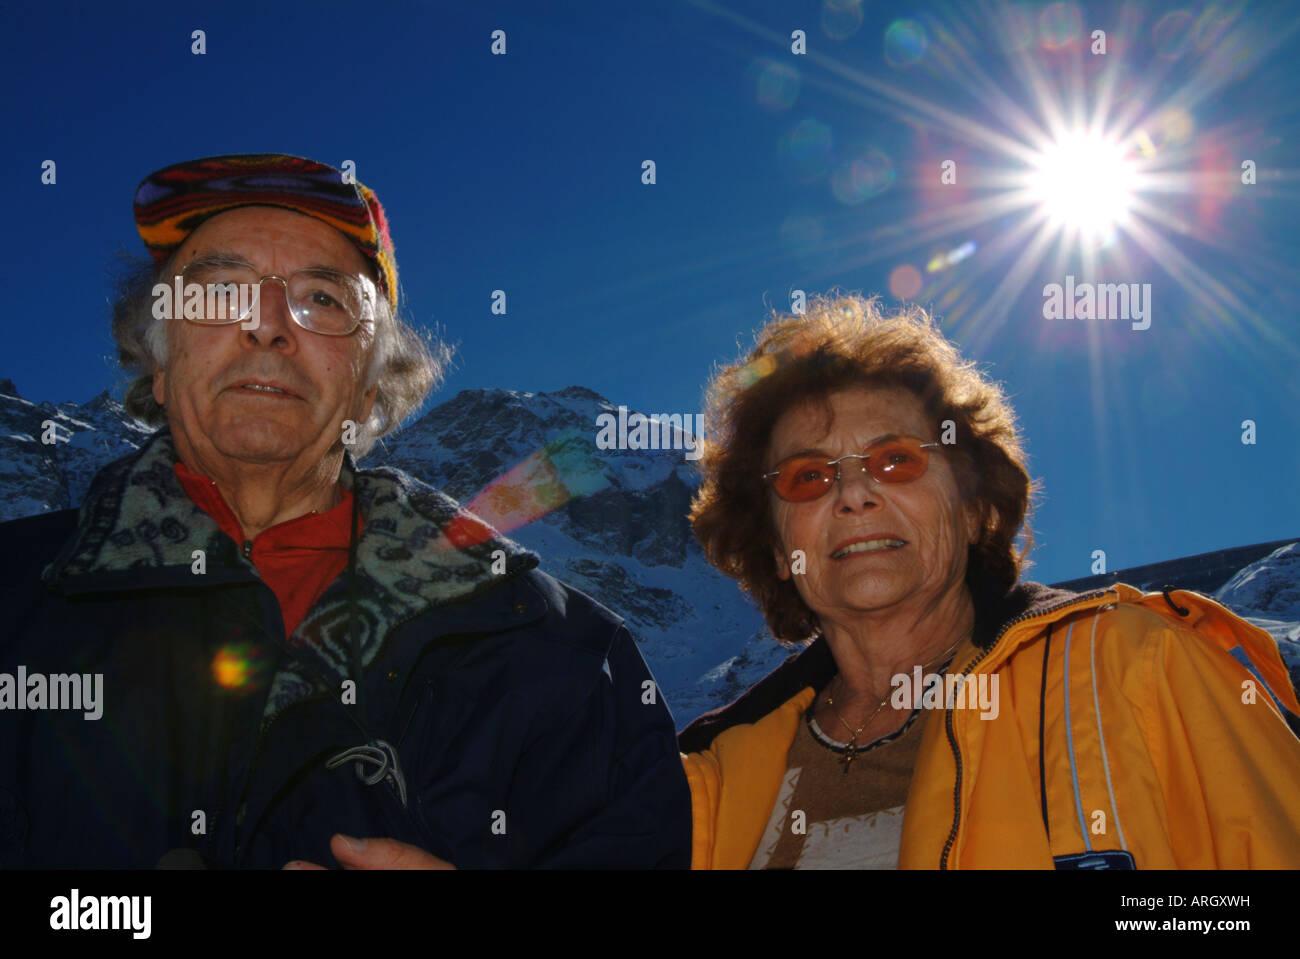 Senior couple, sun, mountains, snow. - Stock Image